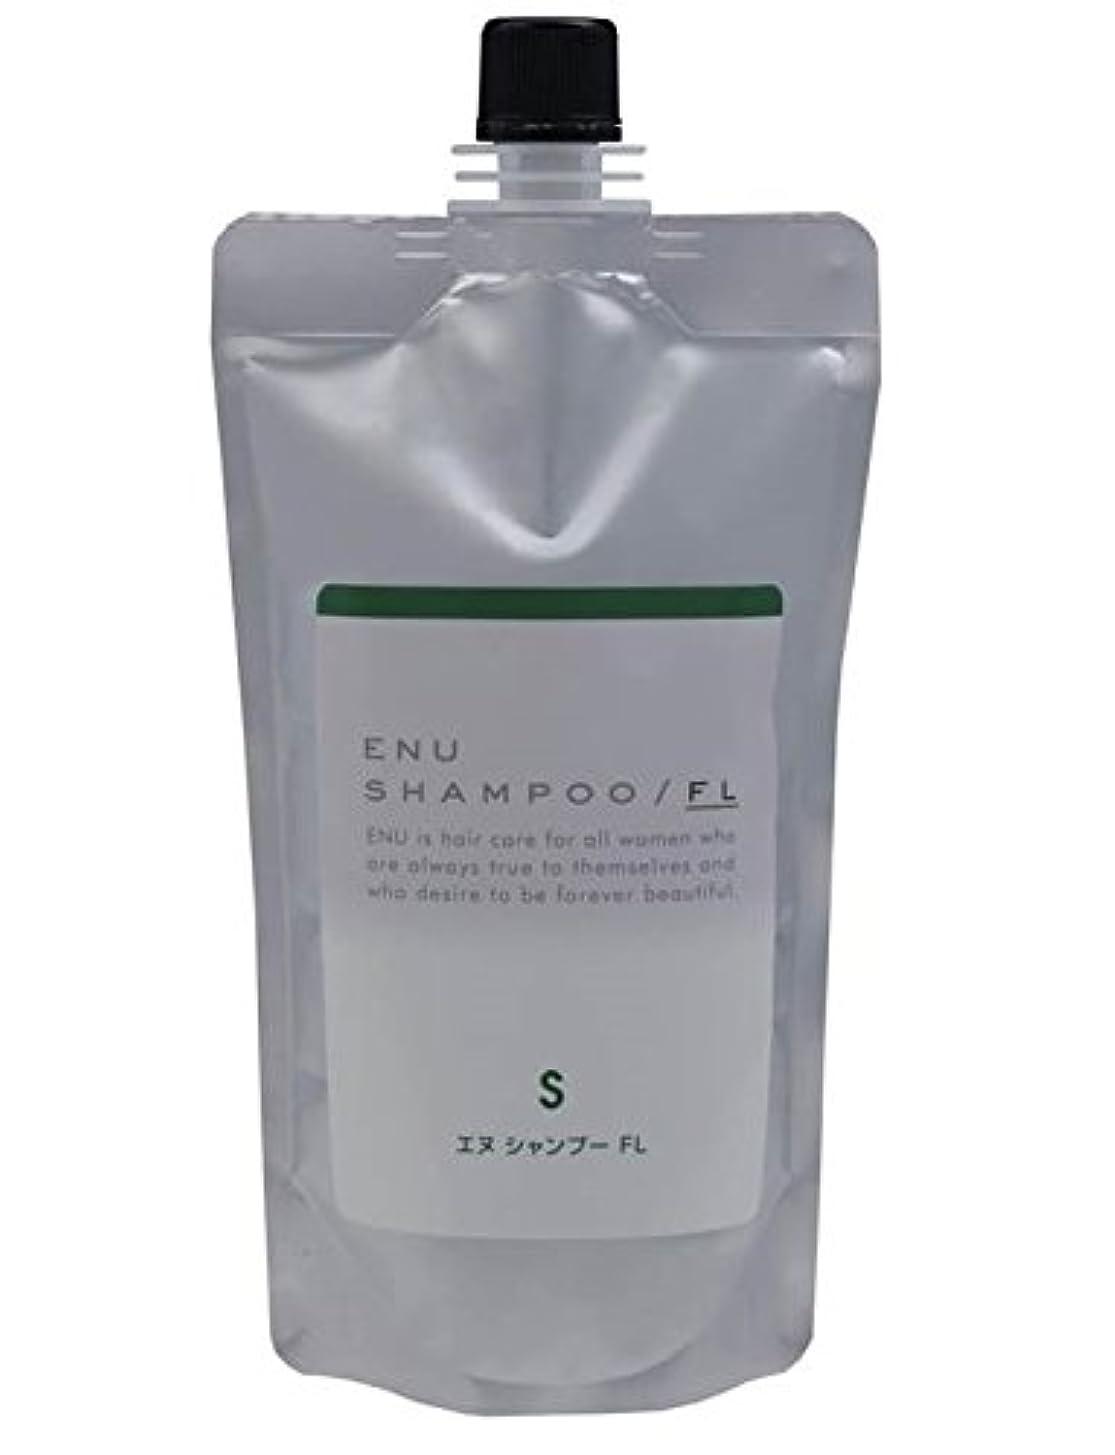 プレゼンター閃光綺麗な中野製薬  ENU エヌ シャンプー FL レフィル 400ml